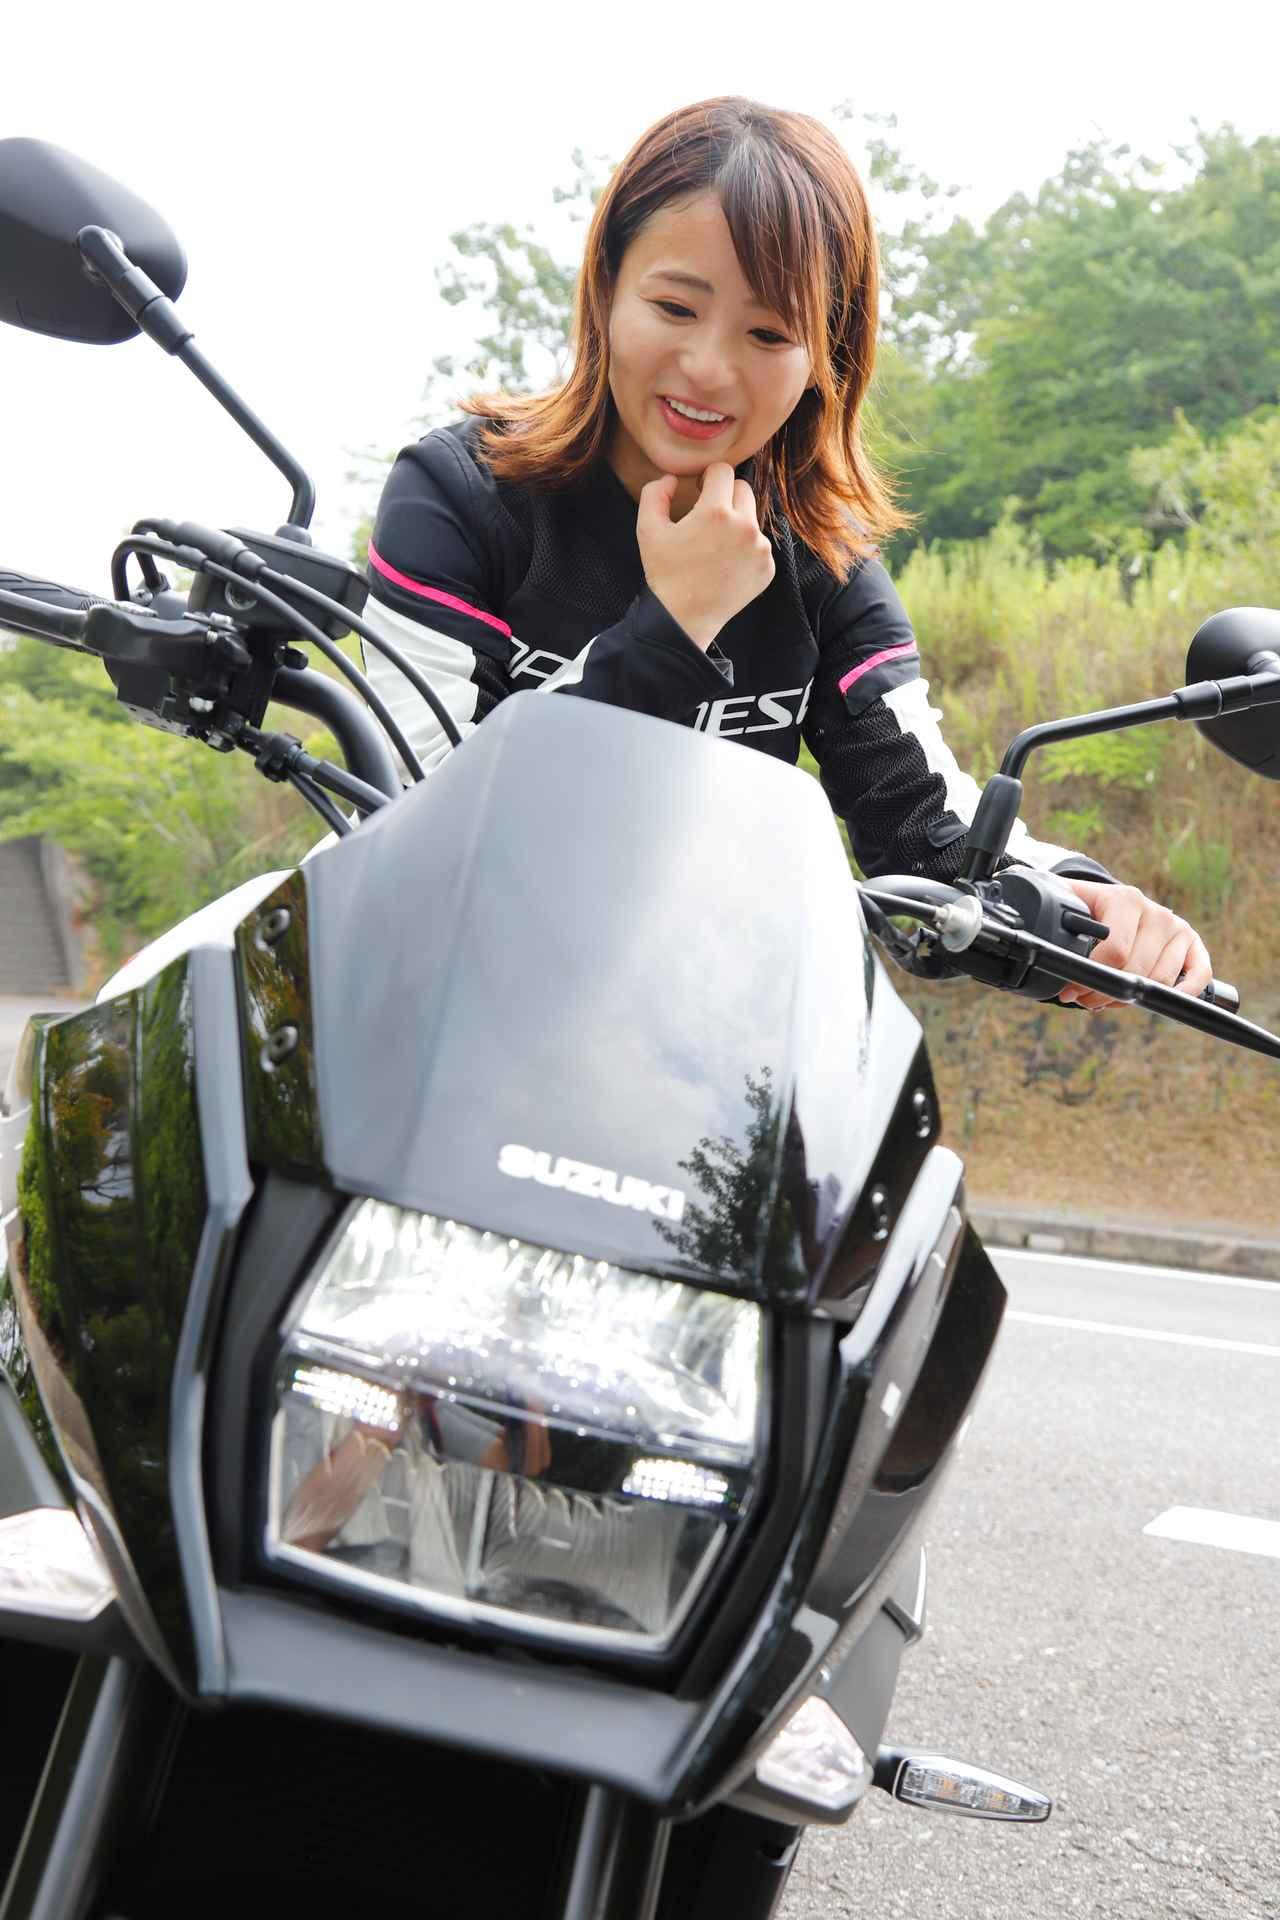 Images : 11番目の画像 - 「平嶋夏海の「つま先メモリアル」(第5回:Suzuki KATANA)【ゆるふわ 3枚刃】」のアルバム - webオートバイ